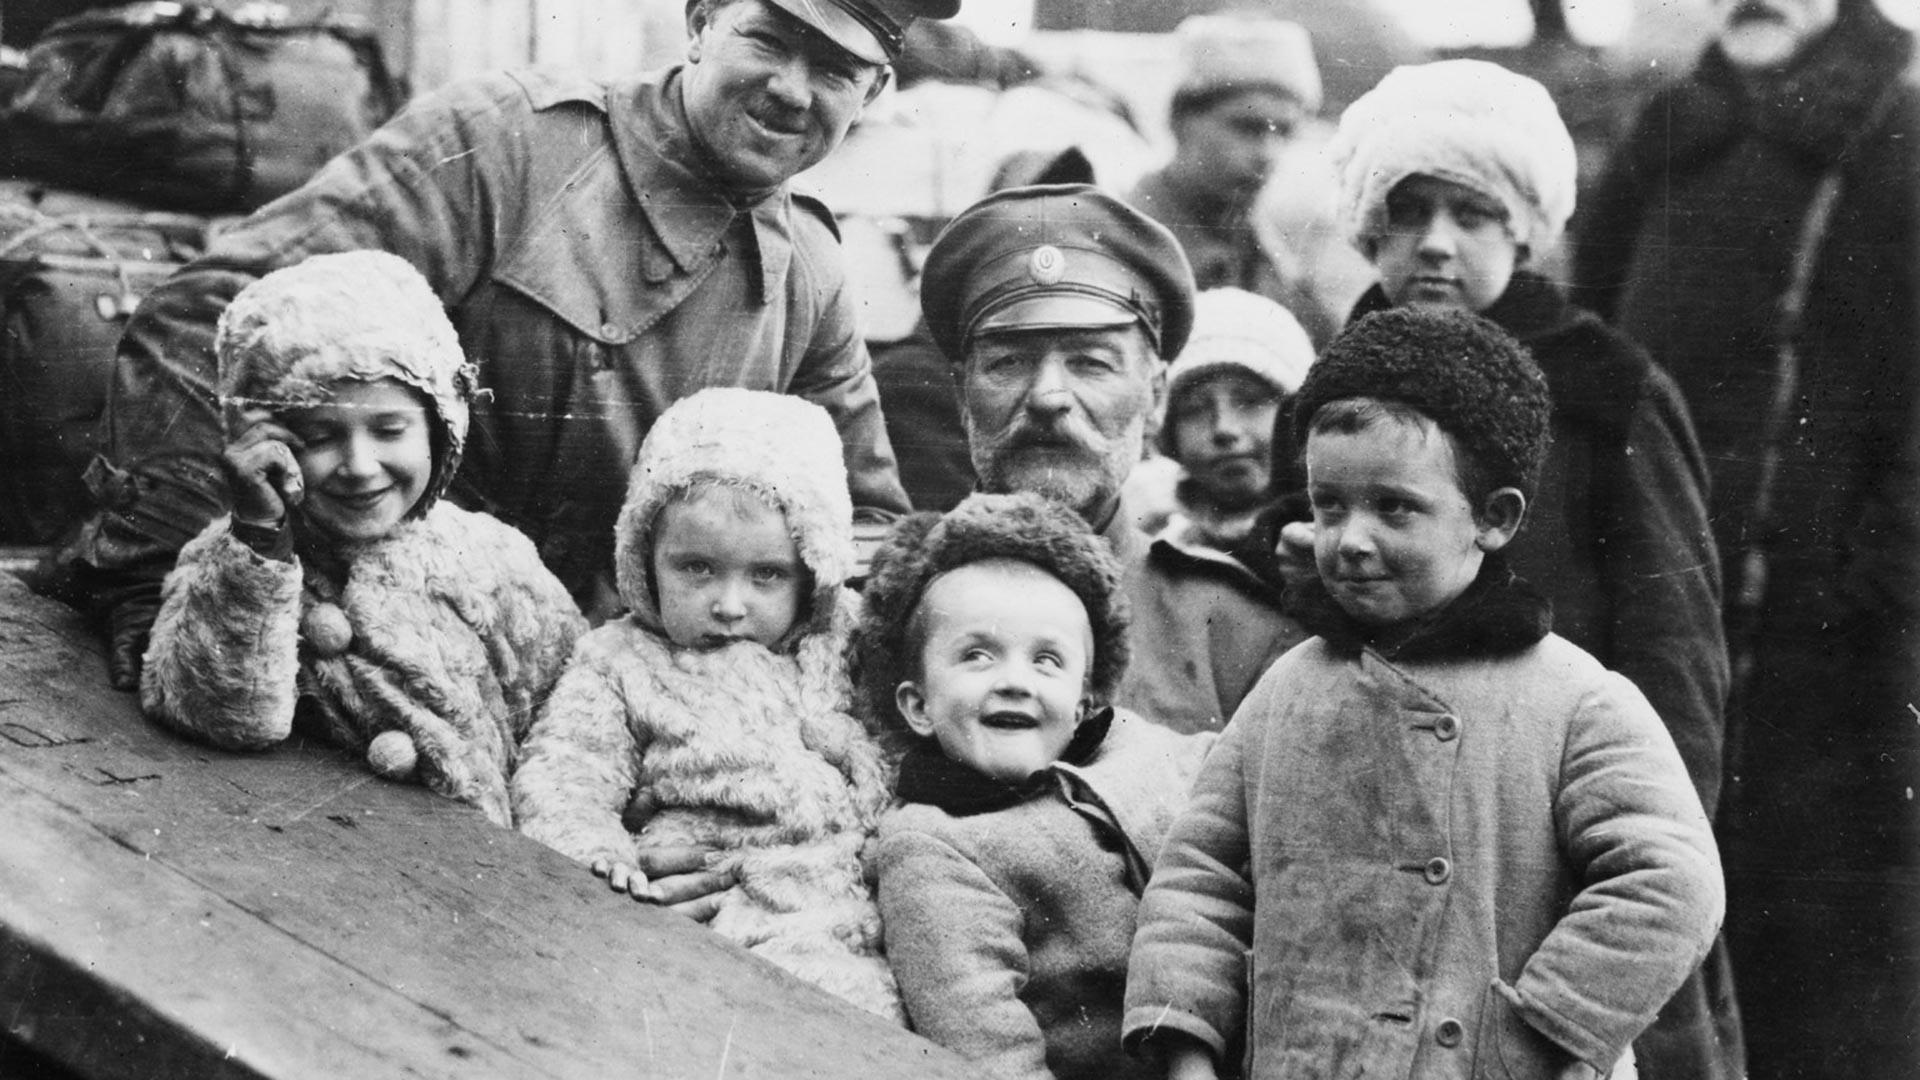 ノヴォロシイスクから「スティーマー・サンガモン」号に乗った亡命者の中には、孤児も30人いた